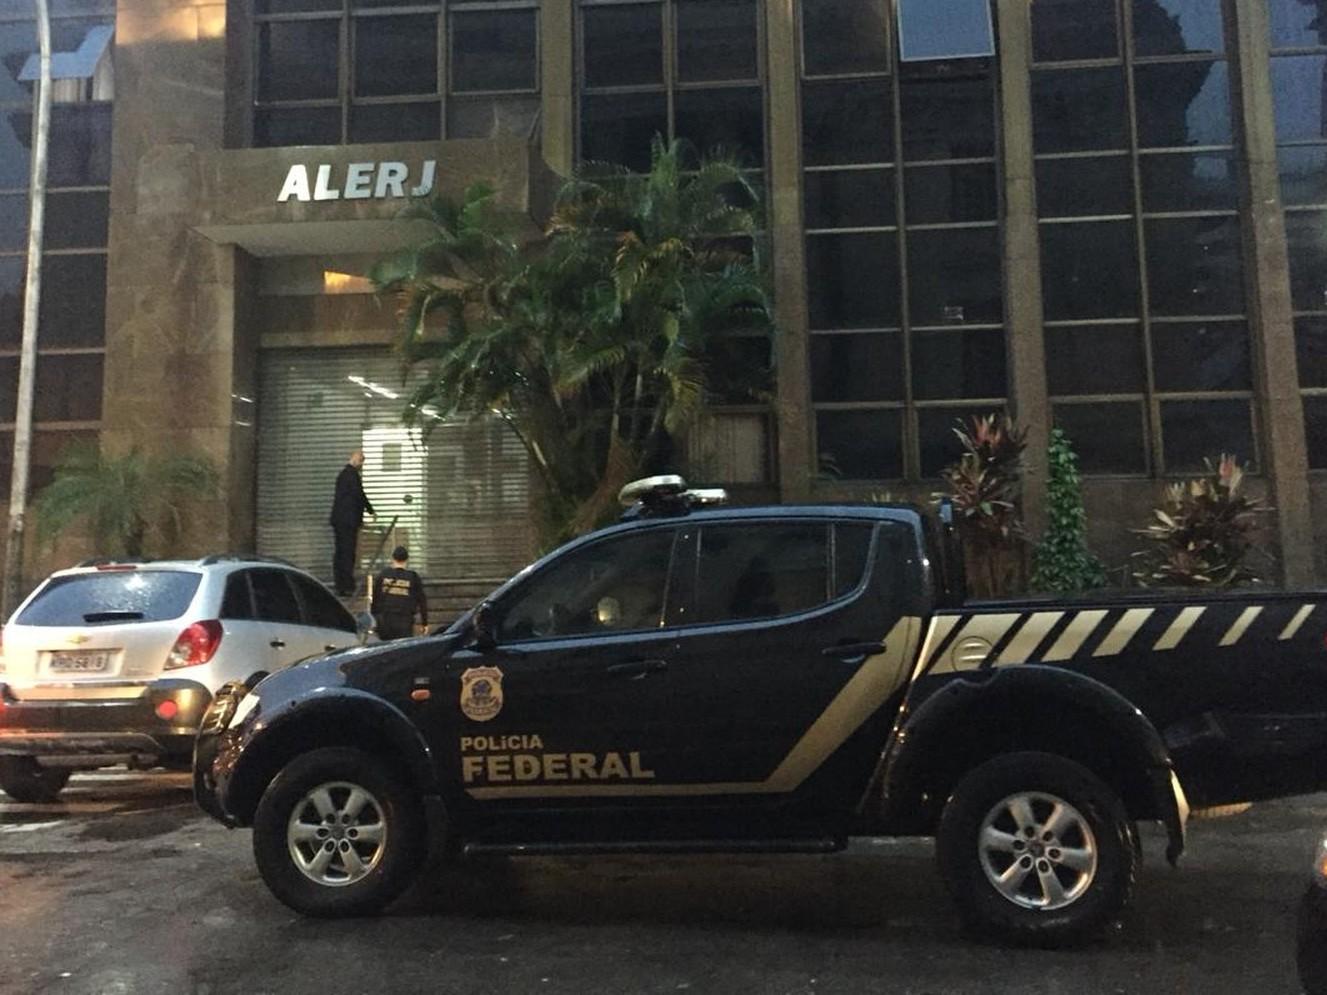 Após transações bancárias suspeitas, deputados da Alerj tentam driblar Coaf